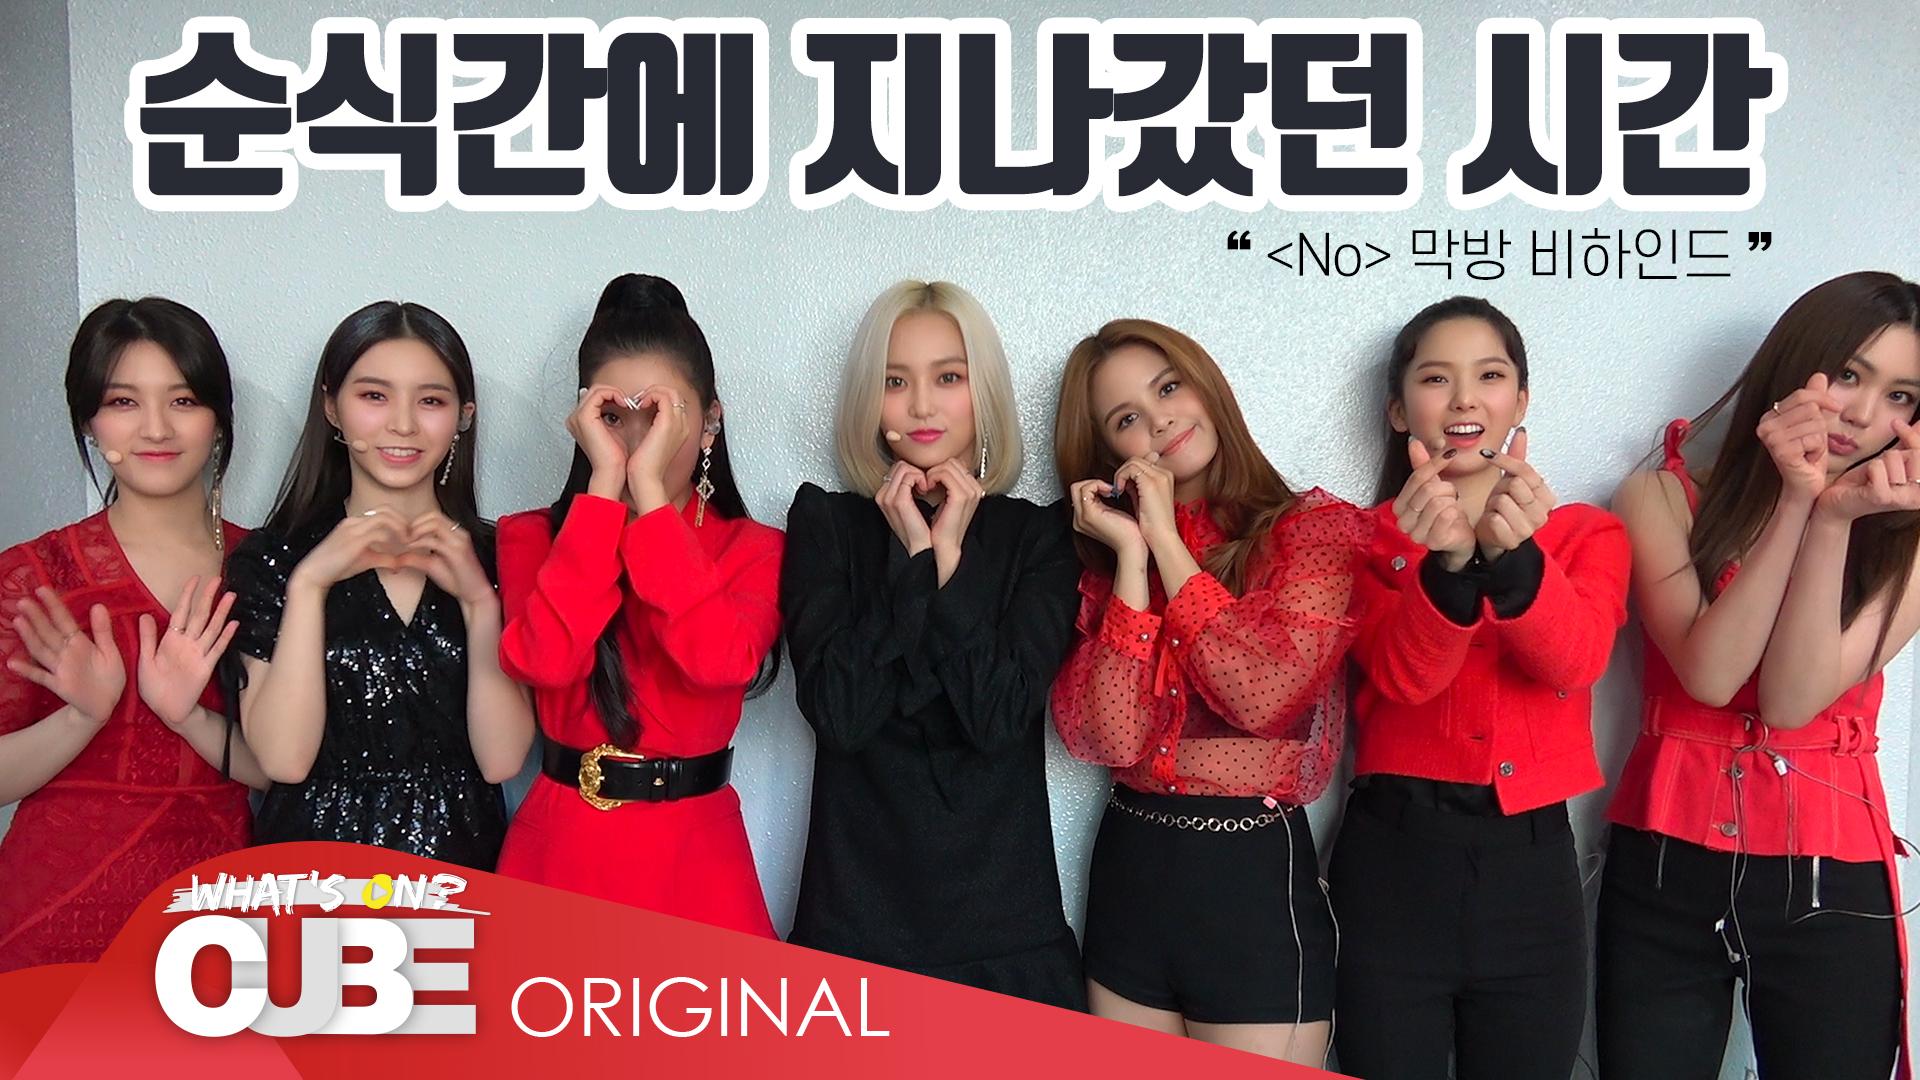 CLC - 칯트키 #54 ('No' 막방 비하인드)